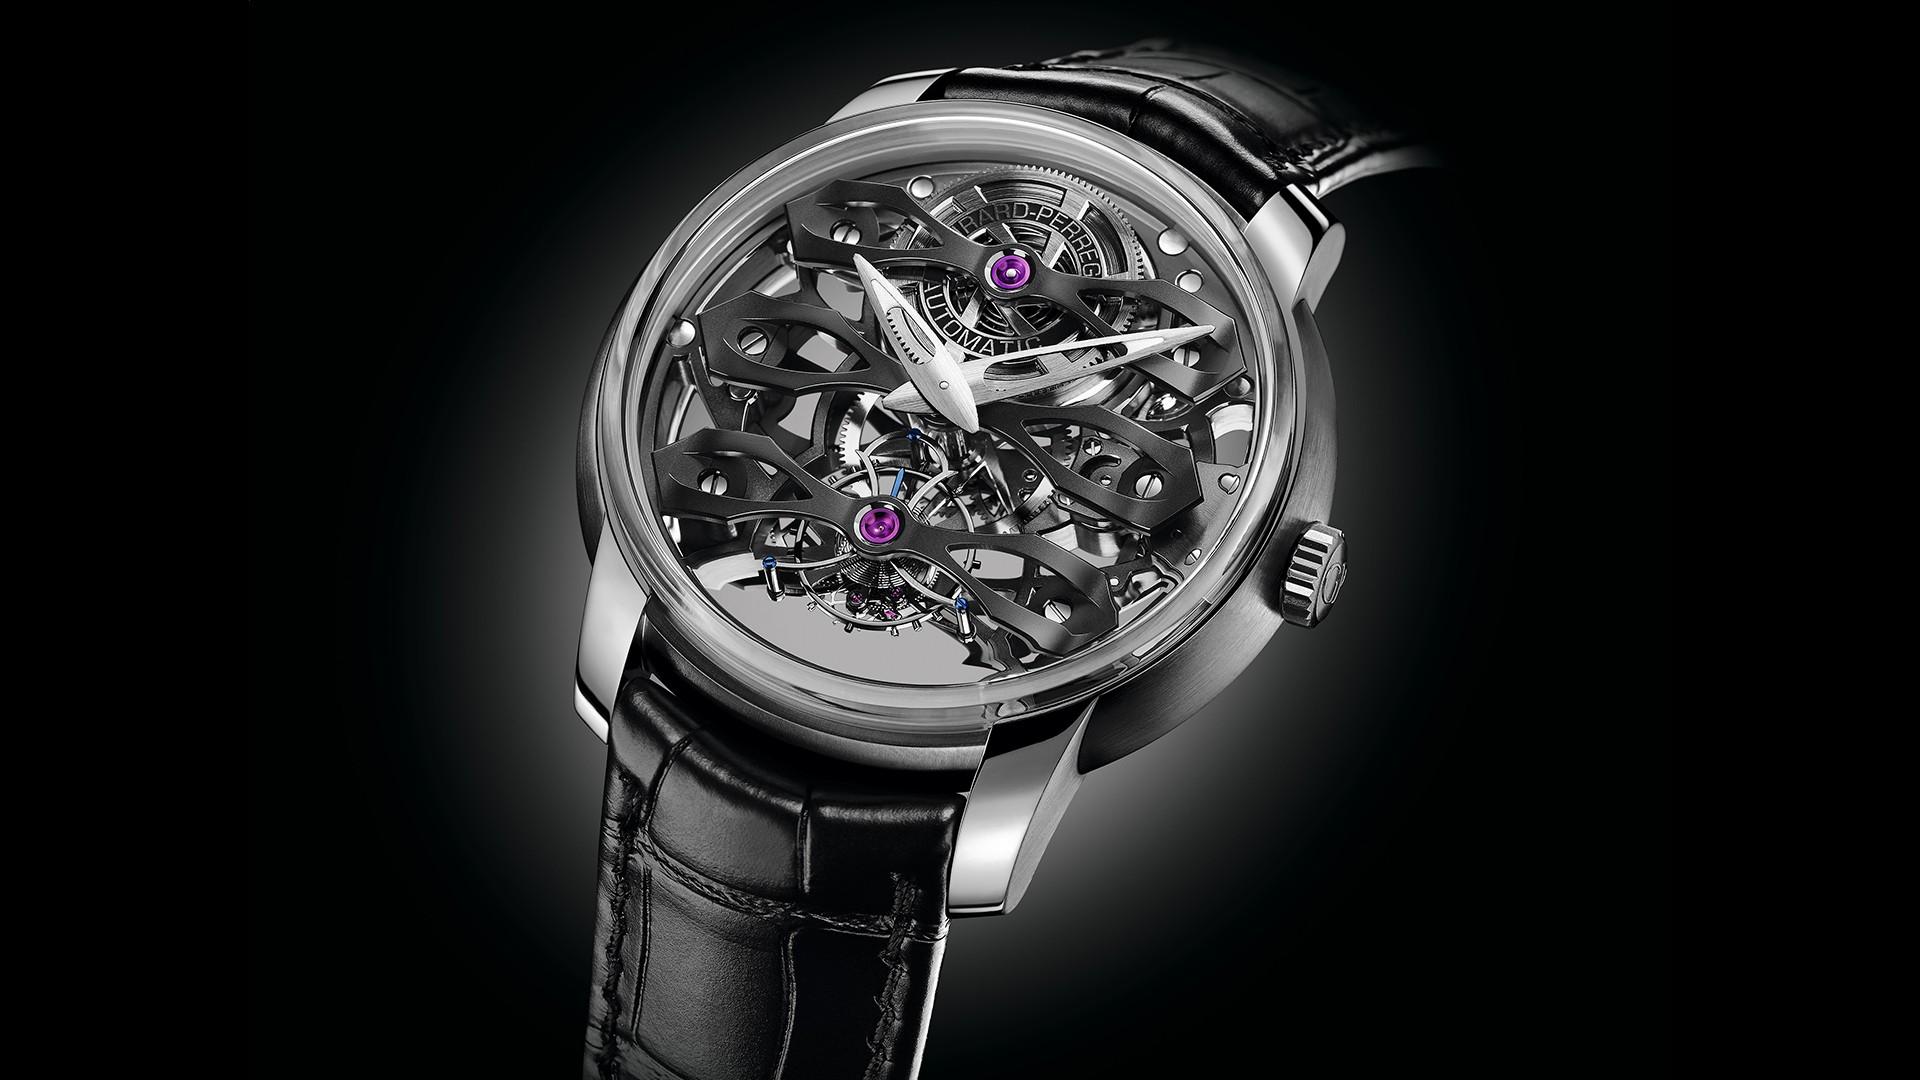 Girard Perregaux Neo-Tourbillon With Three Bridges Skeleton watch